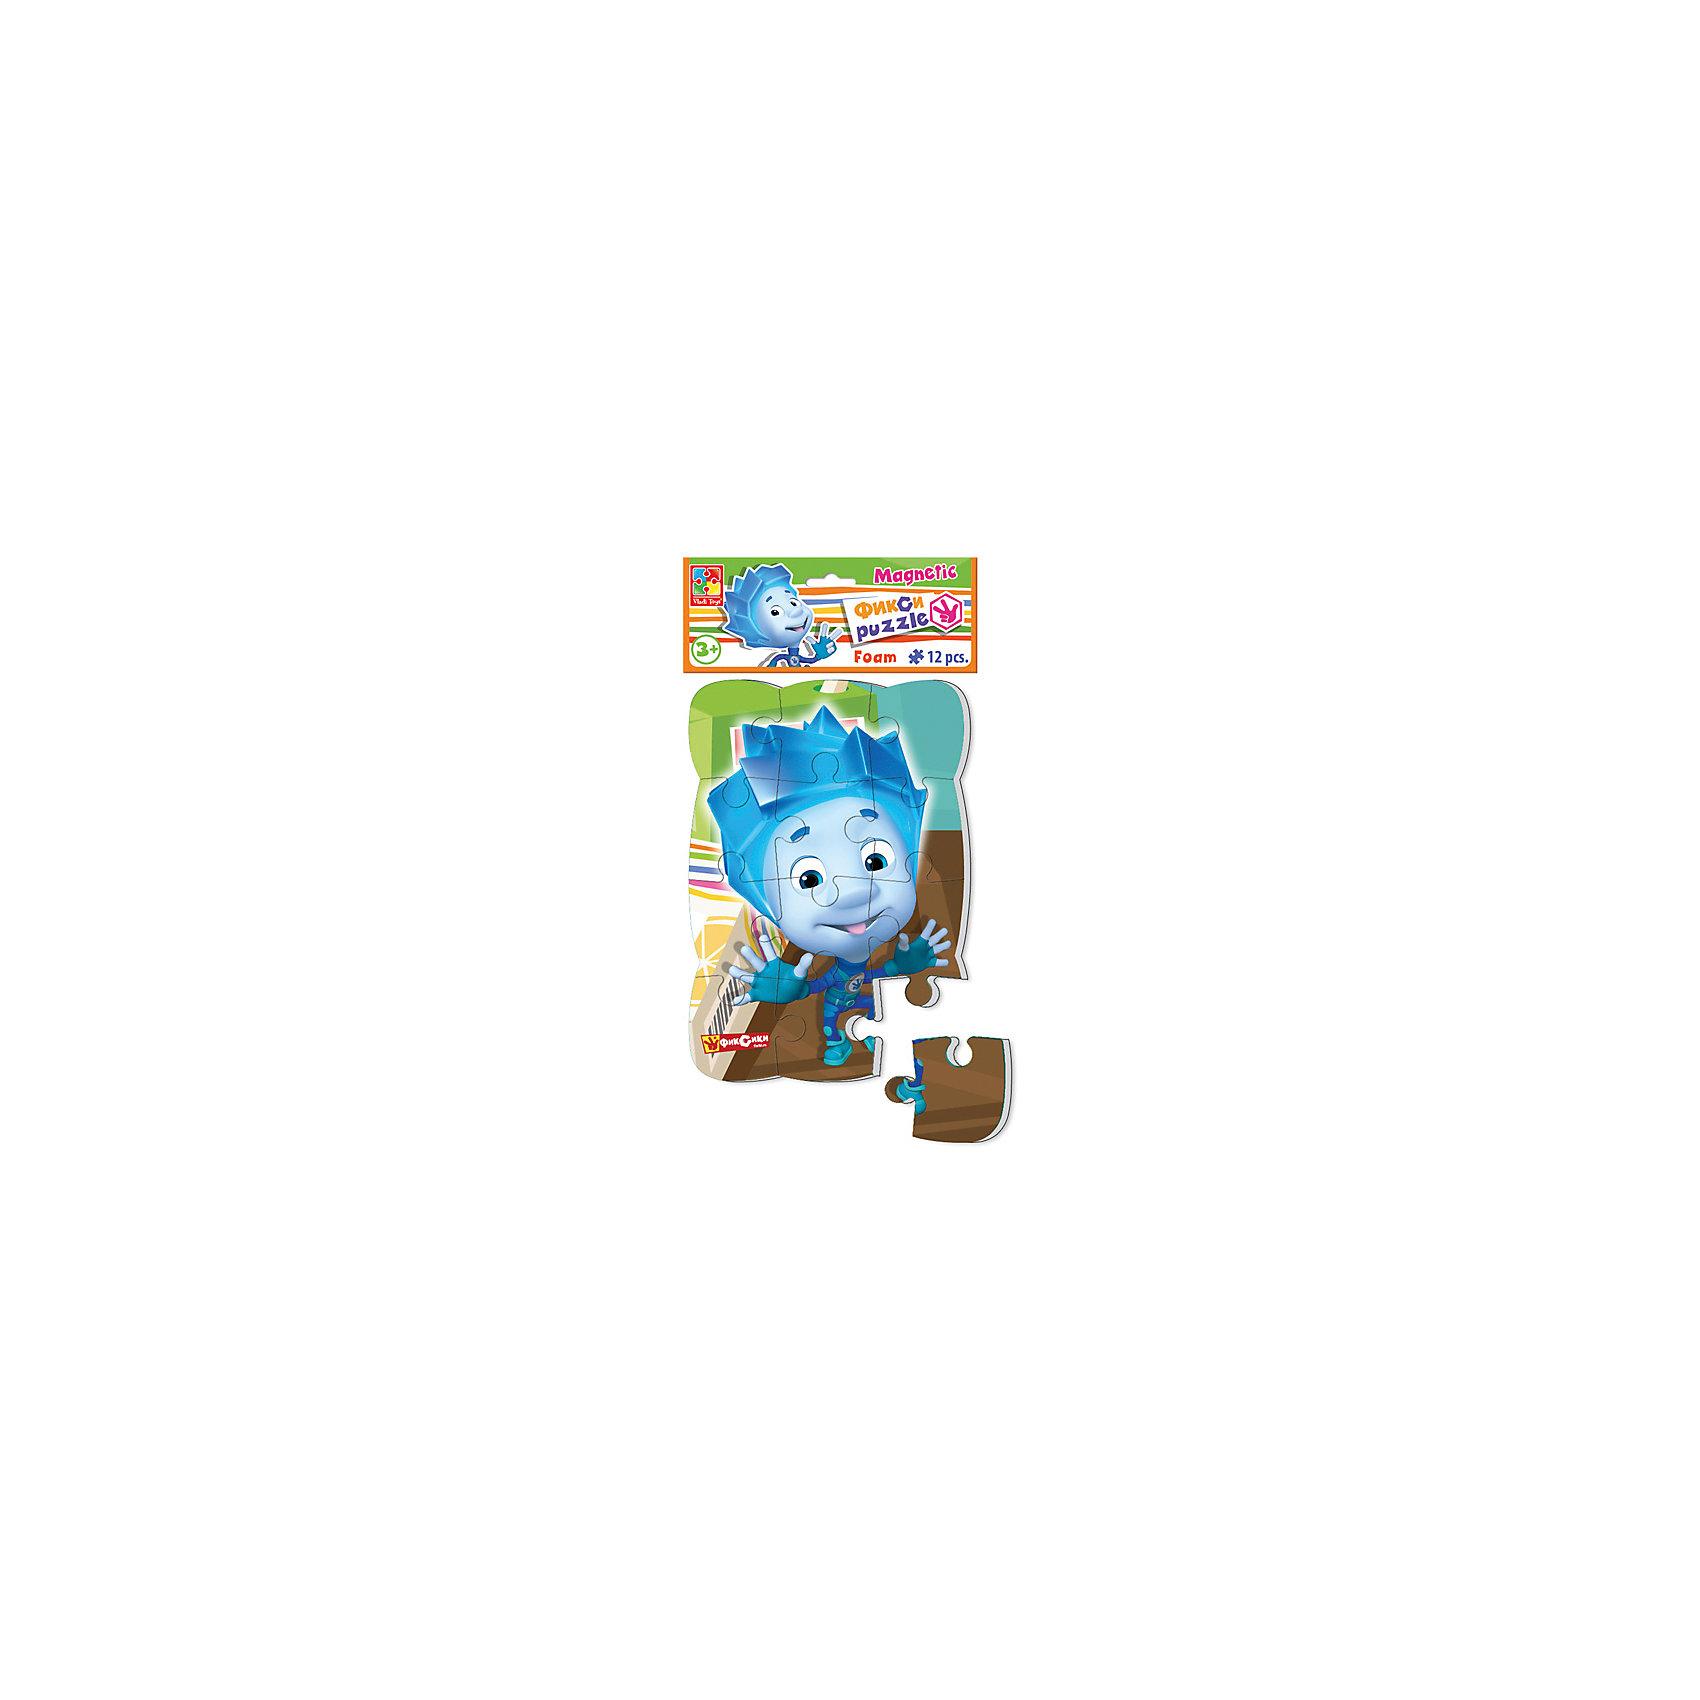 Пазлы на магните Нолик, Фиксики, Vladi ToysПопулярные игрушки<br>Характеристики:<br><br>• Вид игр: развивающие<br>• Серия: пазлы-магниты<br>• Пол: универсальный<br>• Материал: полимер, картон, магнит<br>• Цвет: голубой, коричневый, зеленый, и др.<br>• Комплектация: 1 пазл из 12-ти элементов<br>• Размеры (Д*Ш*В): 18*4*30,5 см<br>• Тип упаковки: полиэтиленовый пакет с картонным клапаном <br>• Вес: 73 г<br><br>Пазлы на магните Нолик, Фиксики, Vladi Toys, производителем которых является компания, специализирующаяся на выпуске развивающих игр, давно уже стали популярными среди аналогичной продукции. Мягкие пазлы – идеальное решение для развивающих занятий с самыми маленькими детьми, так как они разделены на большие элементы с крупными изображениями, чаще всего в качестве картинок используются герои популярных мультсериалов. Самое важное в пазле для малышей – это минимум деталей и безопасность элементов. Все используемые в производстве материалы являются экологически безопасными, не вызывают аллергии, не имеют запаха. Пазлы на магните Нолик, Фиксики, Vladi Toys представляет собой сюжетную картинку, которая состоит из 12-и крупных элементов с изображением Нолика. <br>Занятия с мягкими пазлами от Vladi Toys способствуют развитию не только мелкой моторики, но и внимательности, усидчивости, терпению при достижении цели. Кроме того, по собранной картинке можно составлять рассказ, что позволит развивать речевые навыки, память и воображение.<br><br>Пазлы на магните Нолик, Фиксики, Vladi Toys можно купить в нашем интернет-магазине.<br><br>Ширина мм: 180<br>Глубина мм: 4<br>Высота мм: 305<br>Вес г: 73<br>Возраст от месяцев: 24<br>Возраст до месяцев: 60<br>Пол: Унисекс<br>Возраст: Детский<br>SKU: 5136086